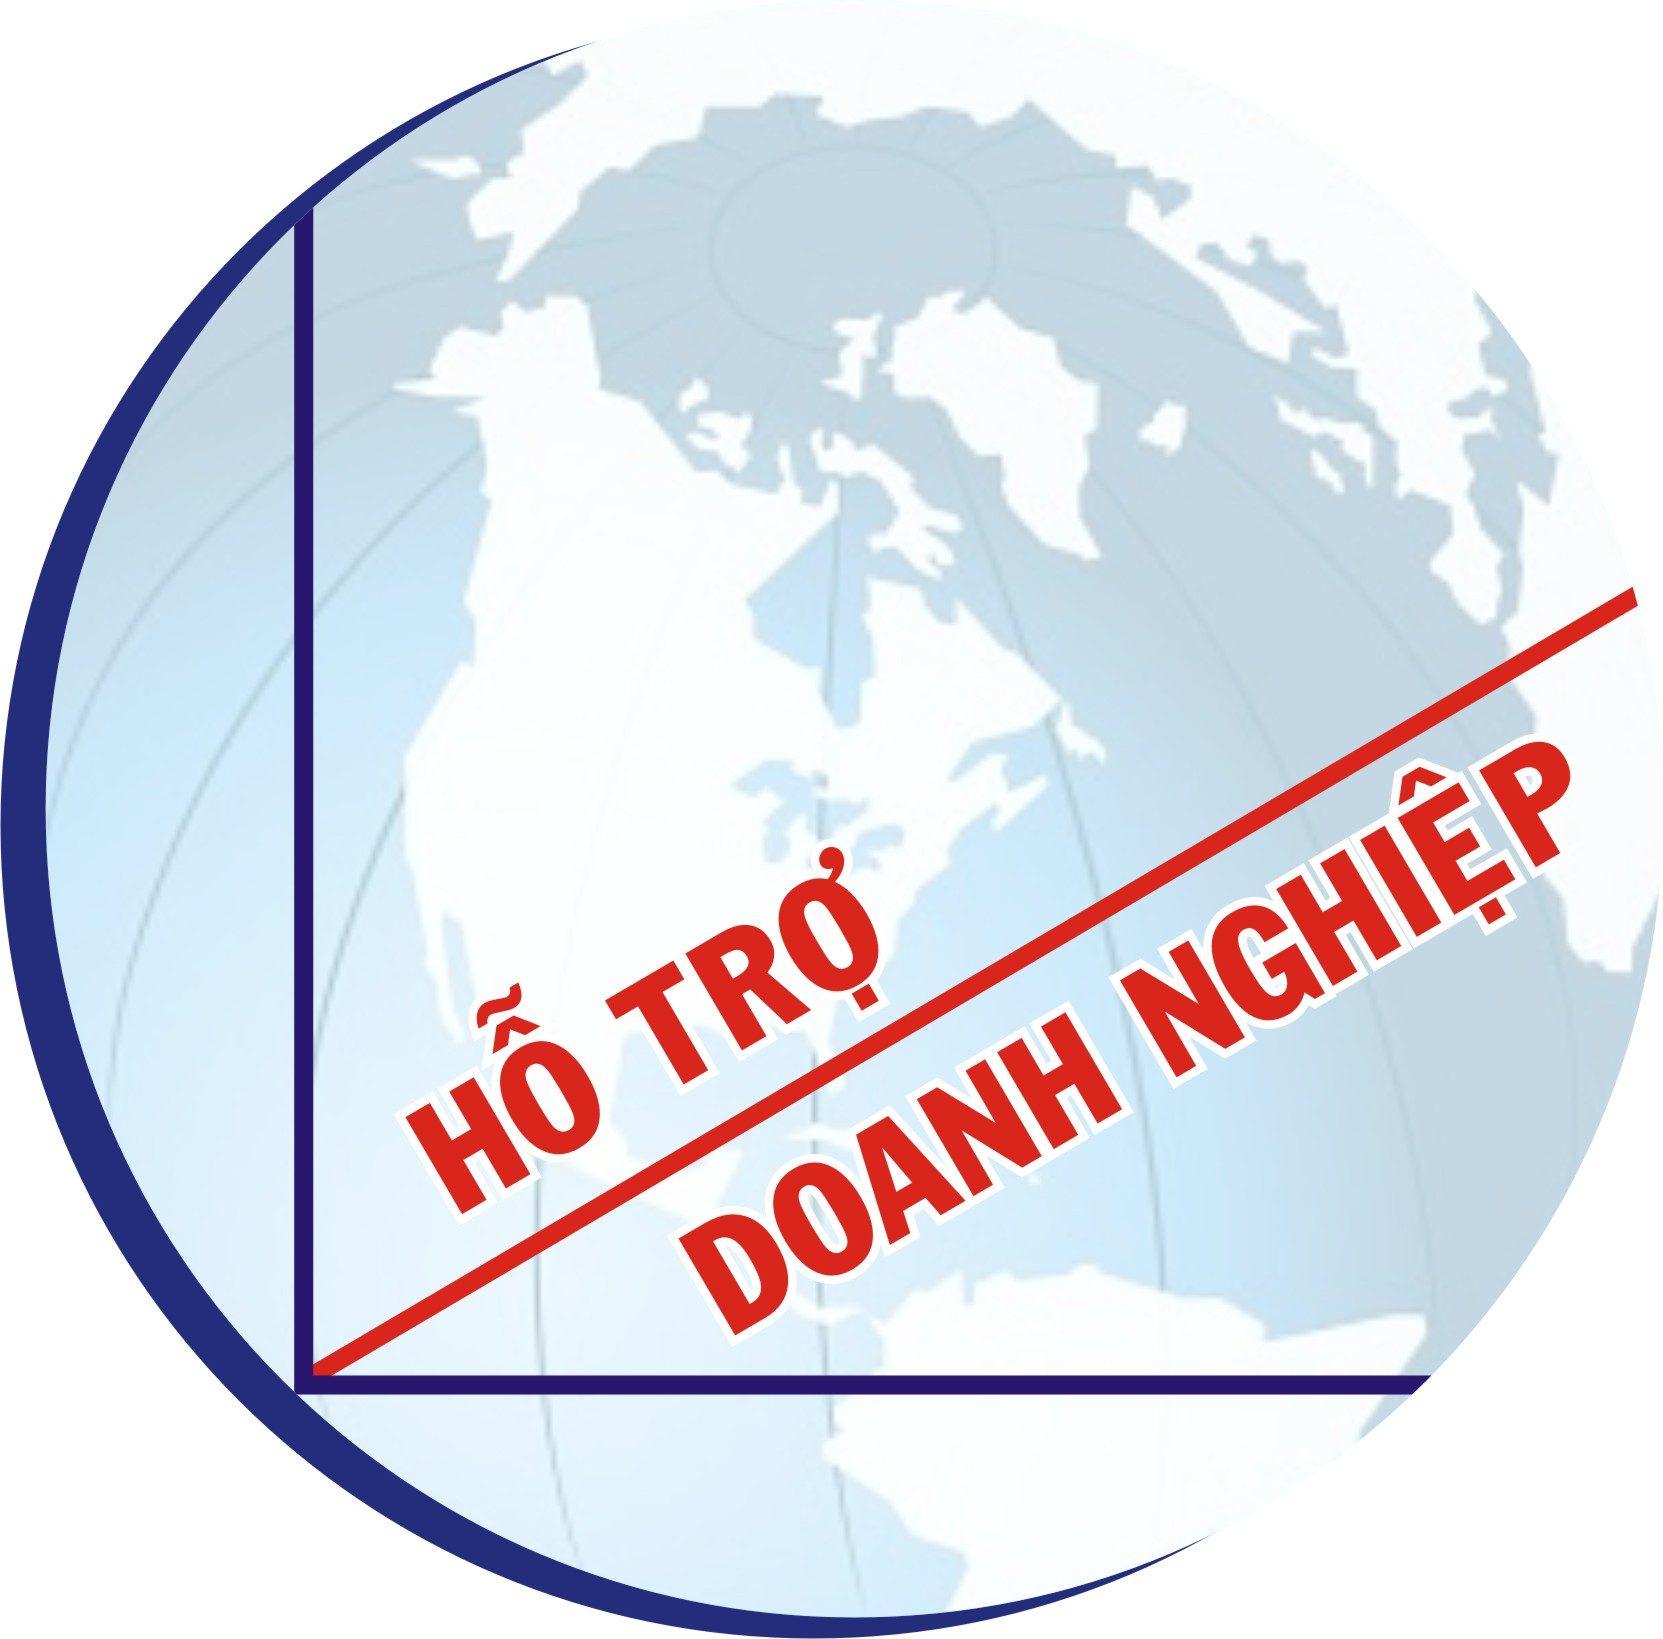 Thành lập công ty tại Quảng Ngãi. Hotline: 0989006756